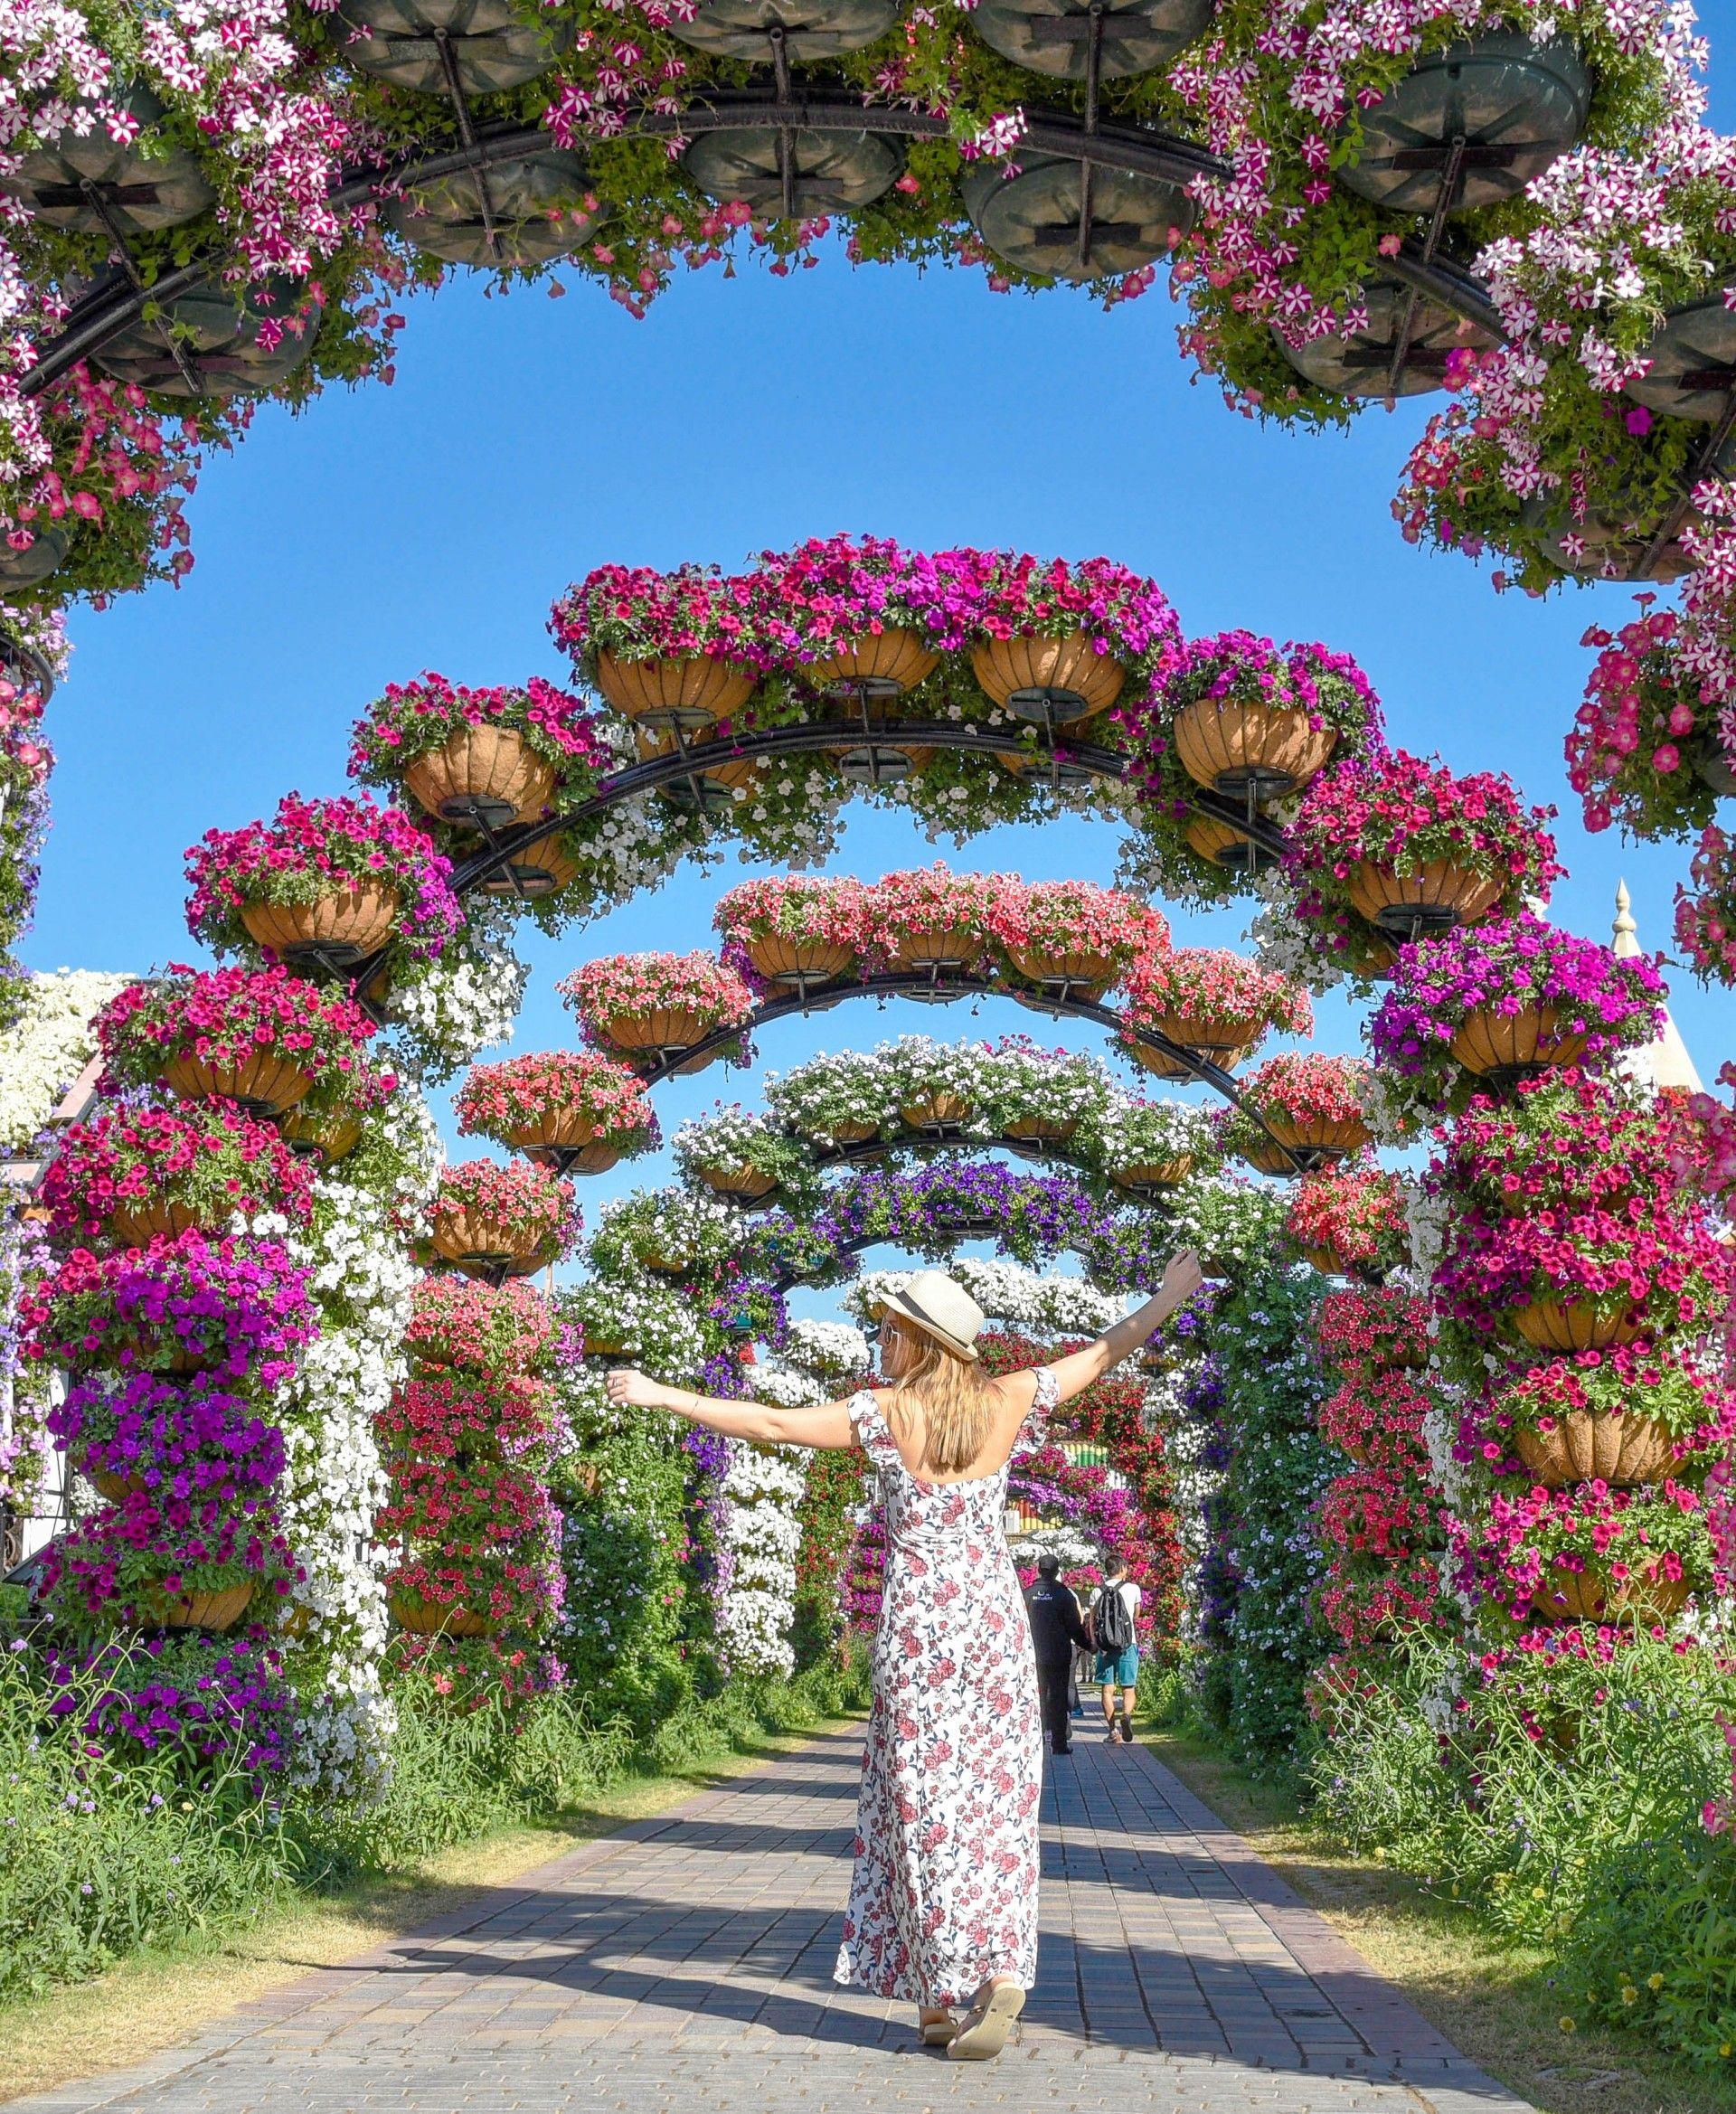 Dubai Miracle Garden Izkiz Miracle Garden Garden Soil Colorful Garden